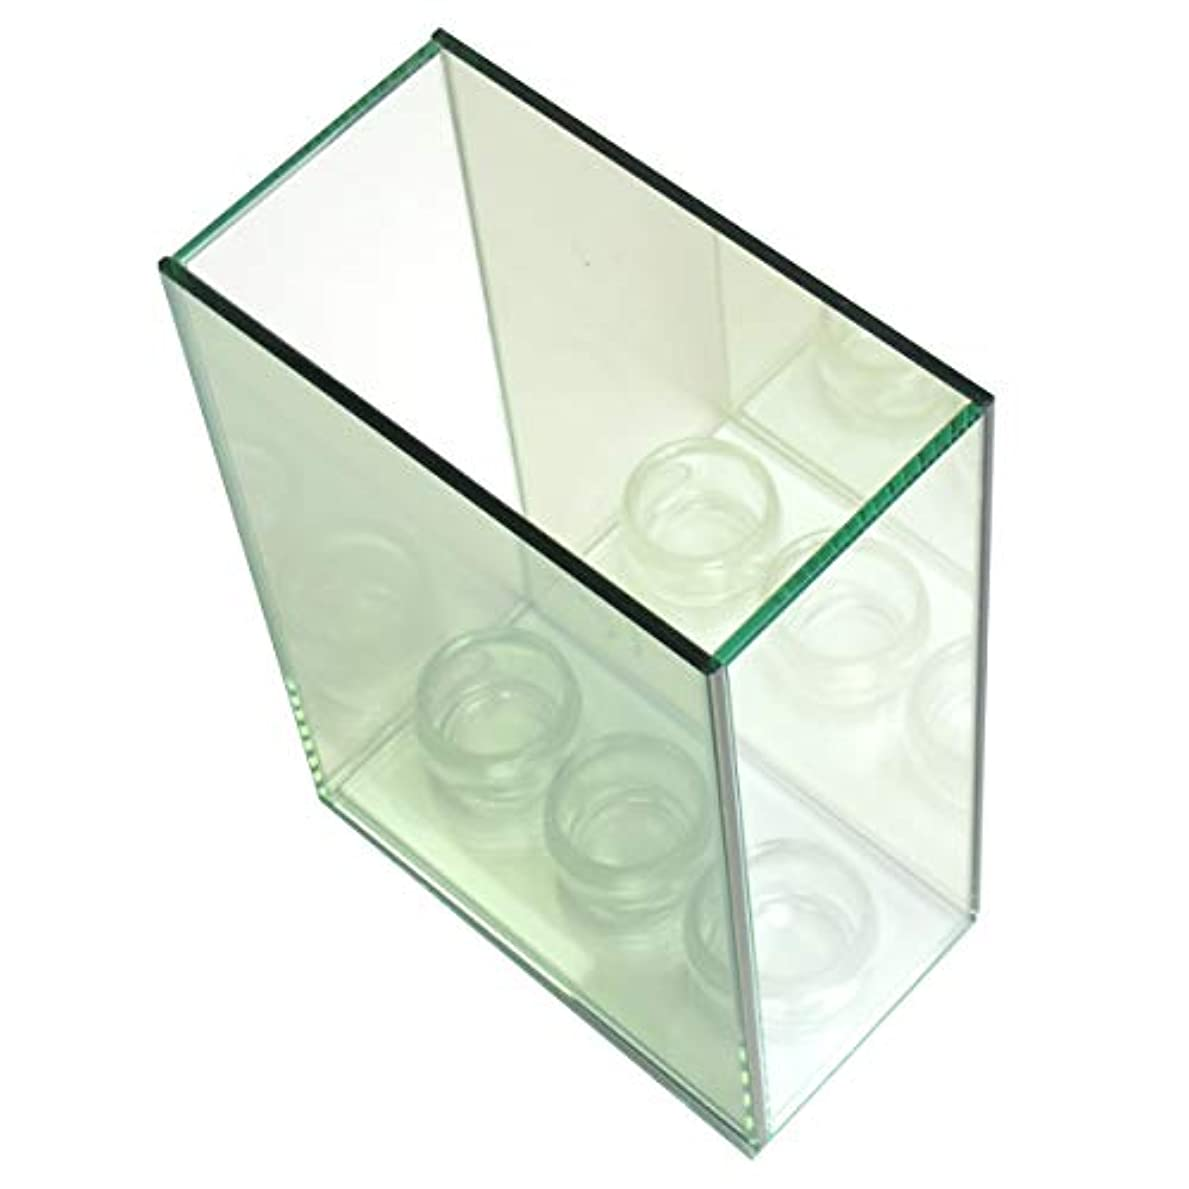 シットコム広まった抜け目のない無限連鎖キャンドルホルダー 3連 ガラス キャンドルスタンド ランタン 誕生日 ティーライトキャンドル